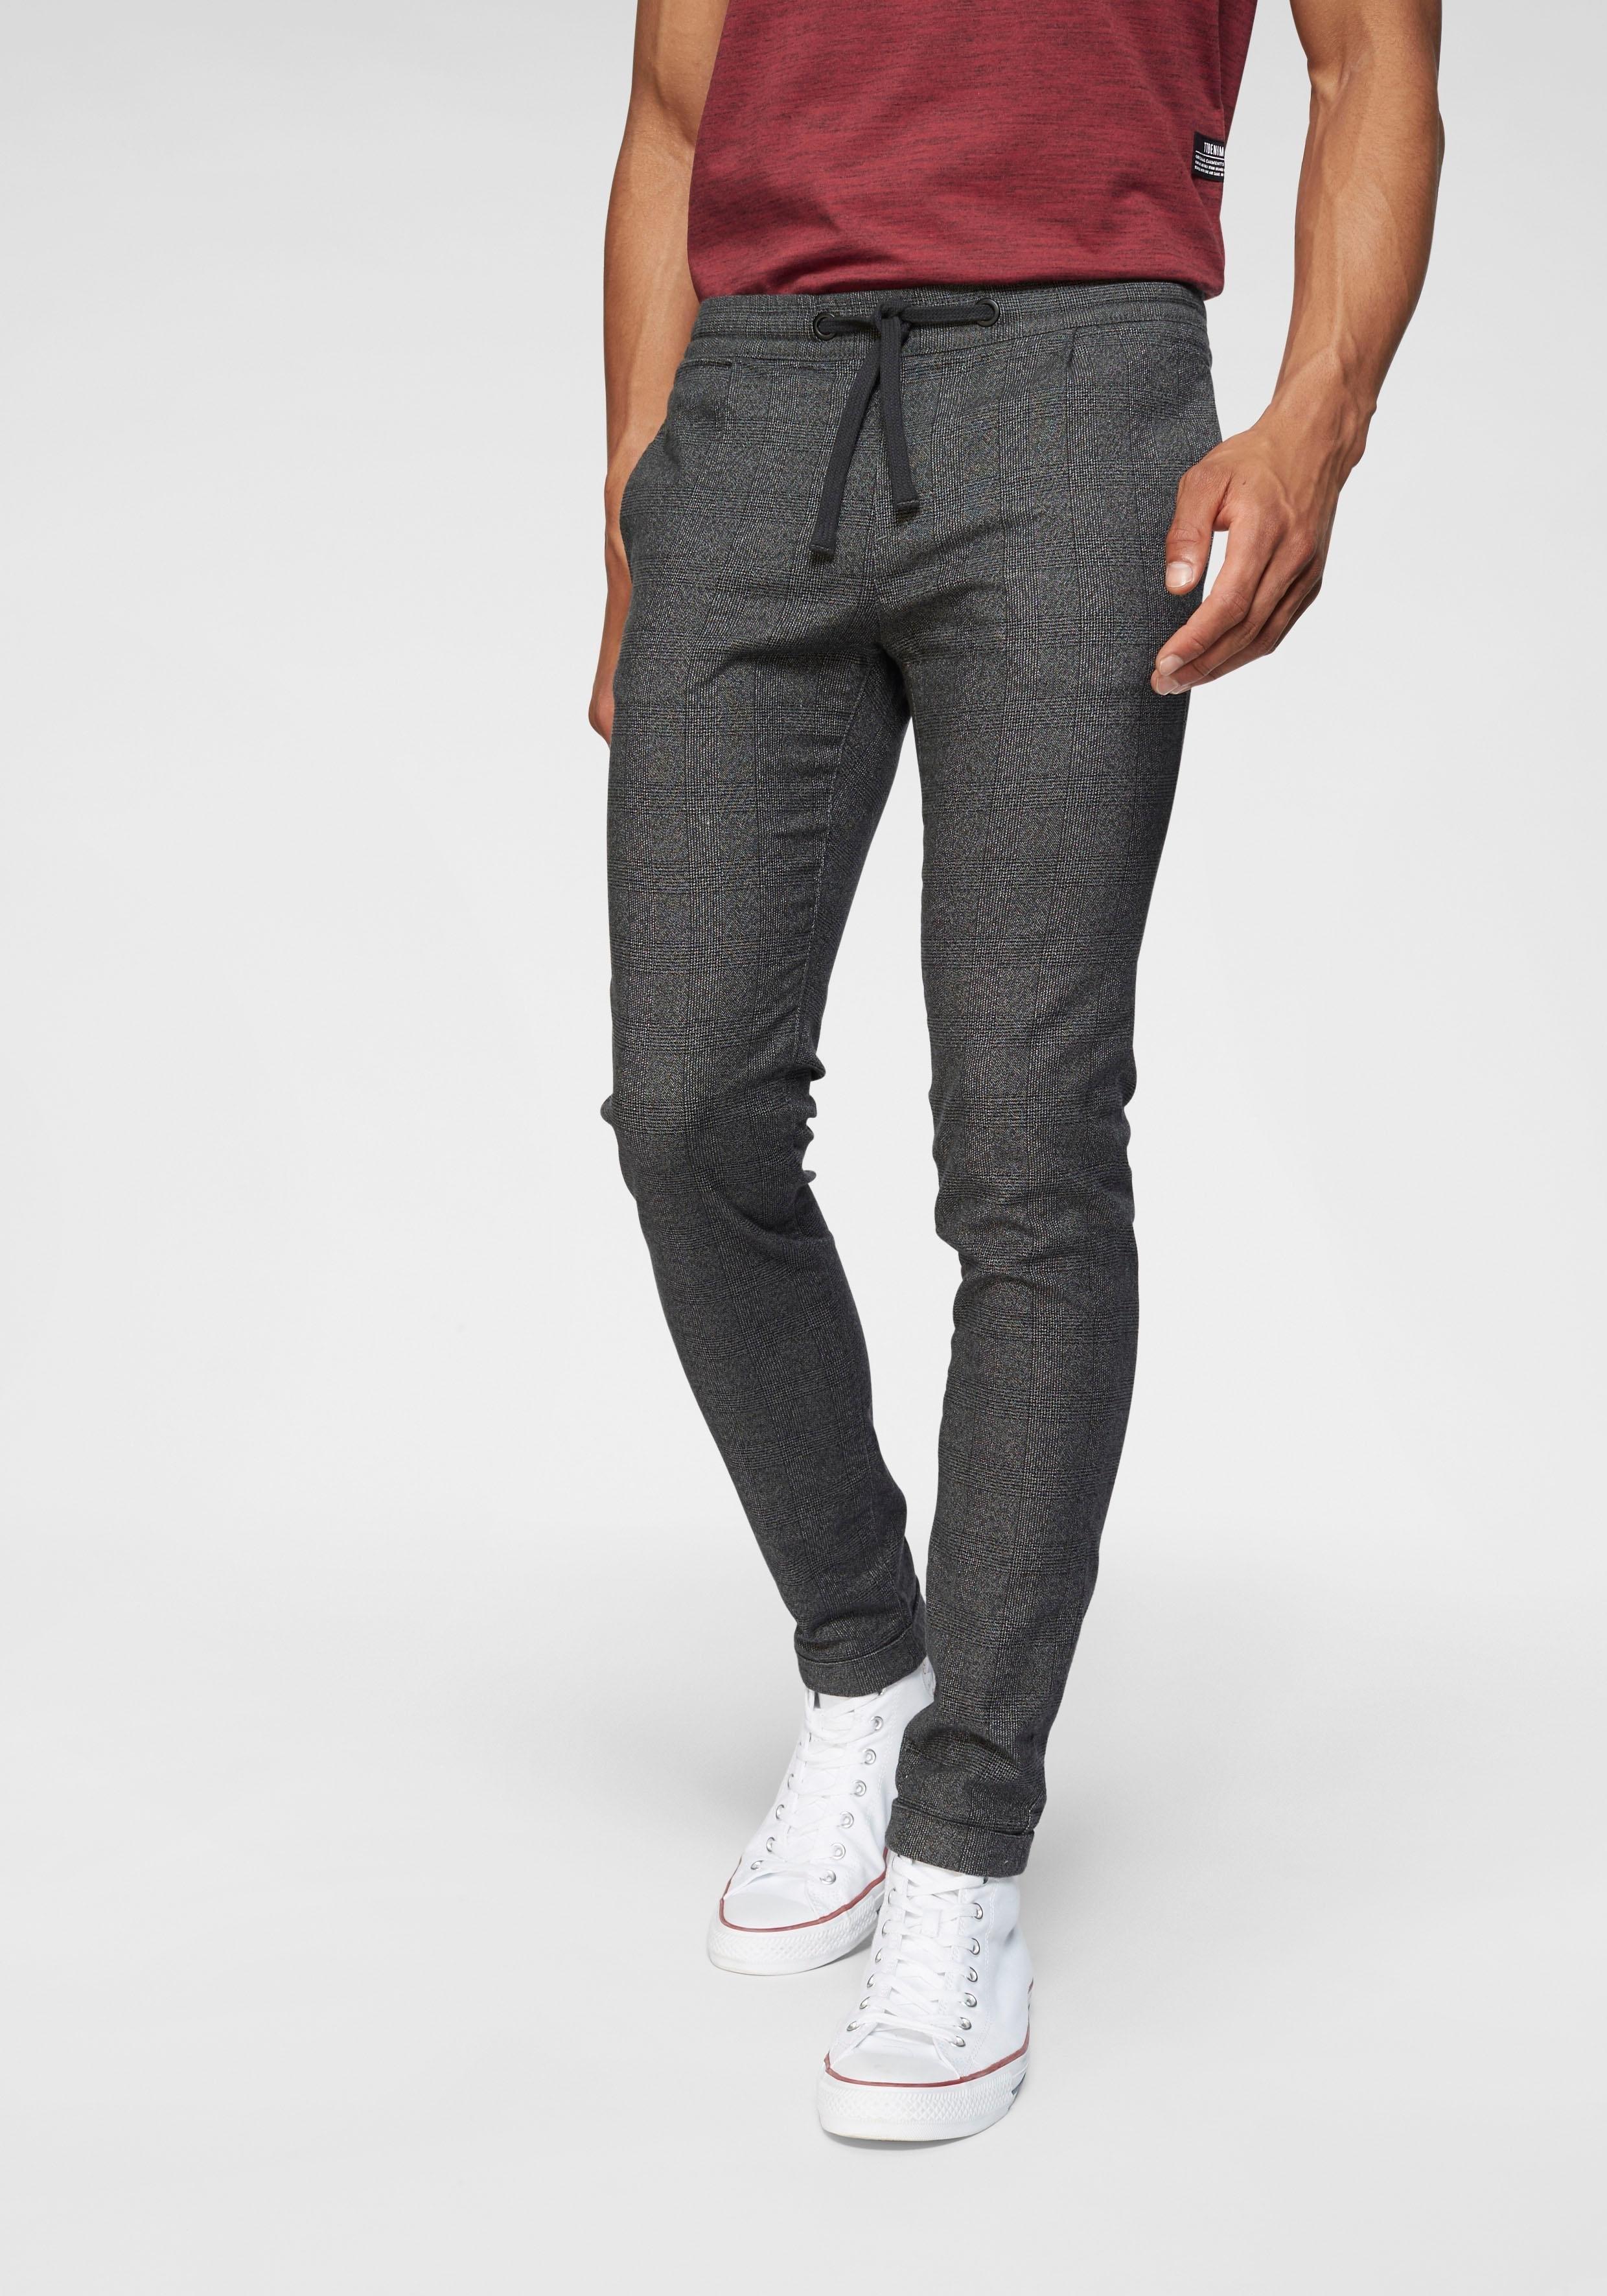 Op zoek naar een TOM TAILOR Denim jogger pants? Koop online bij OTTO